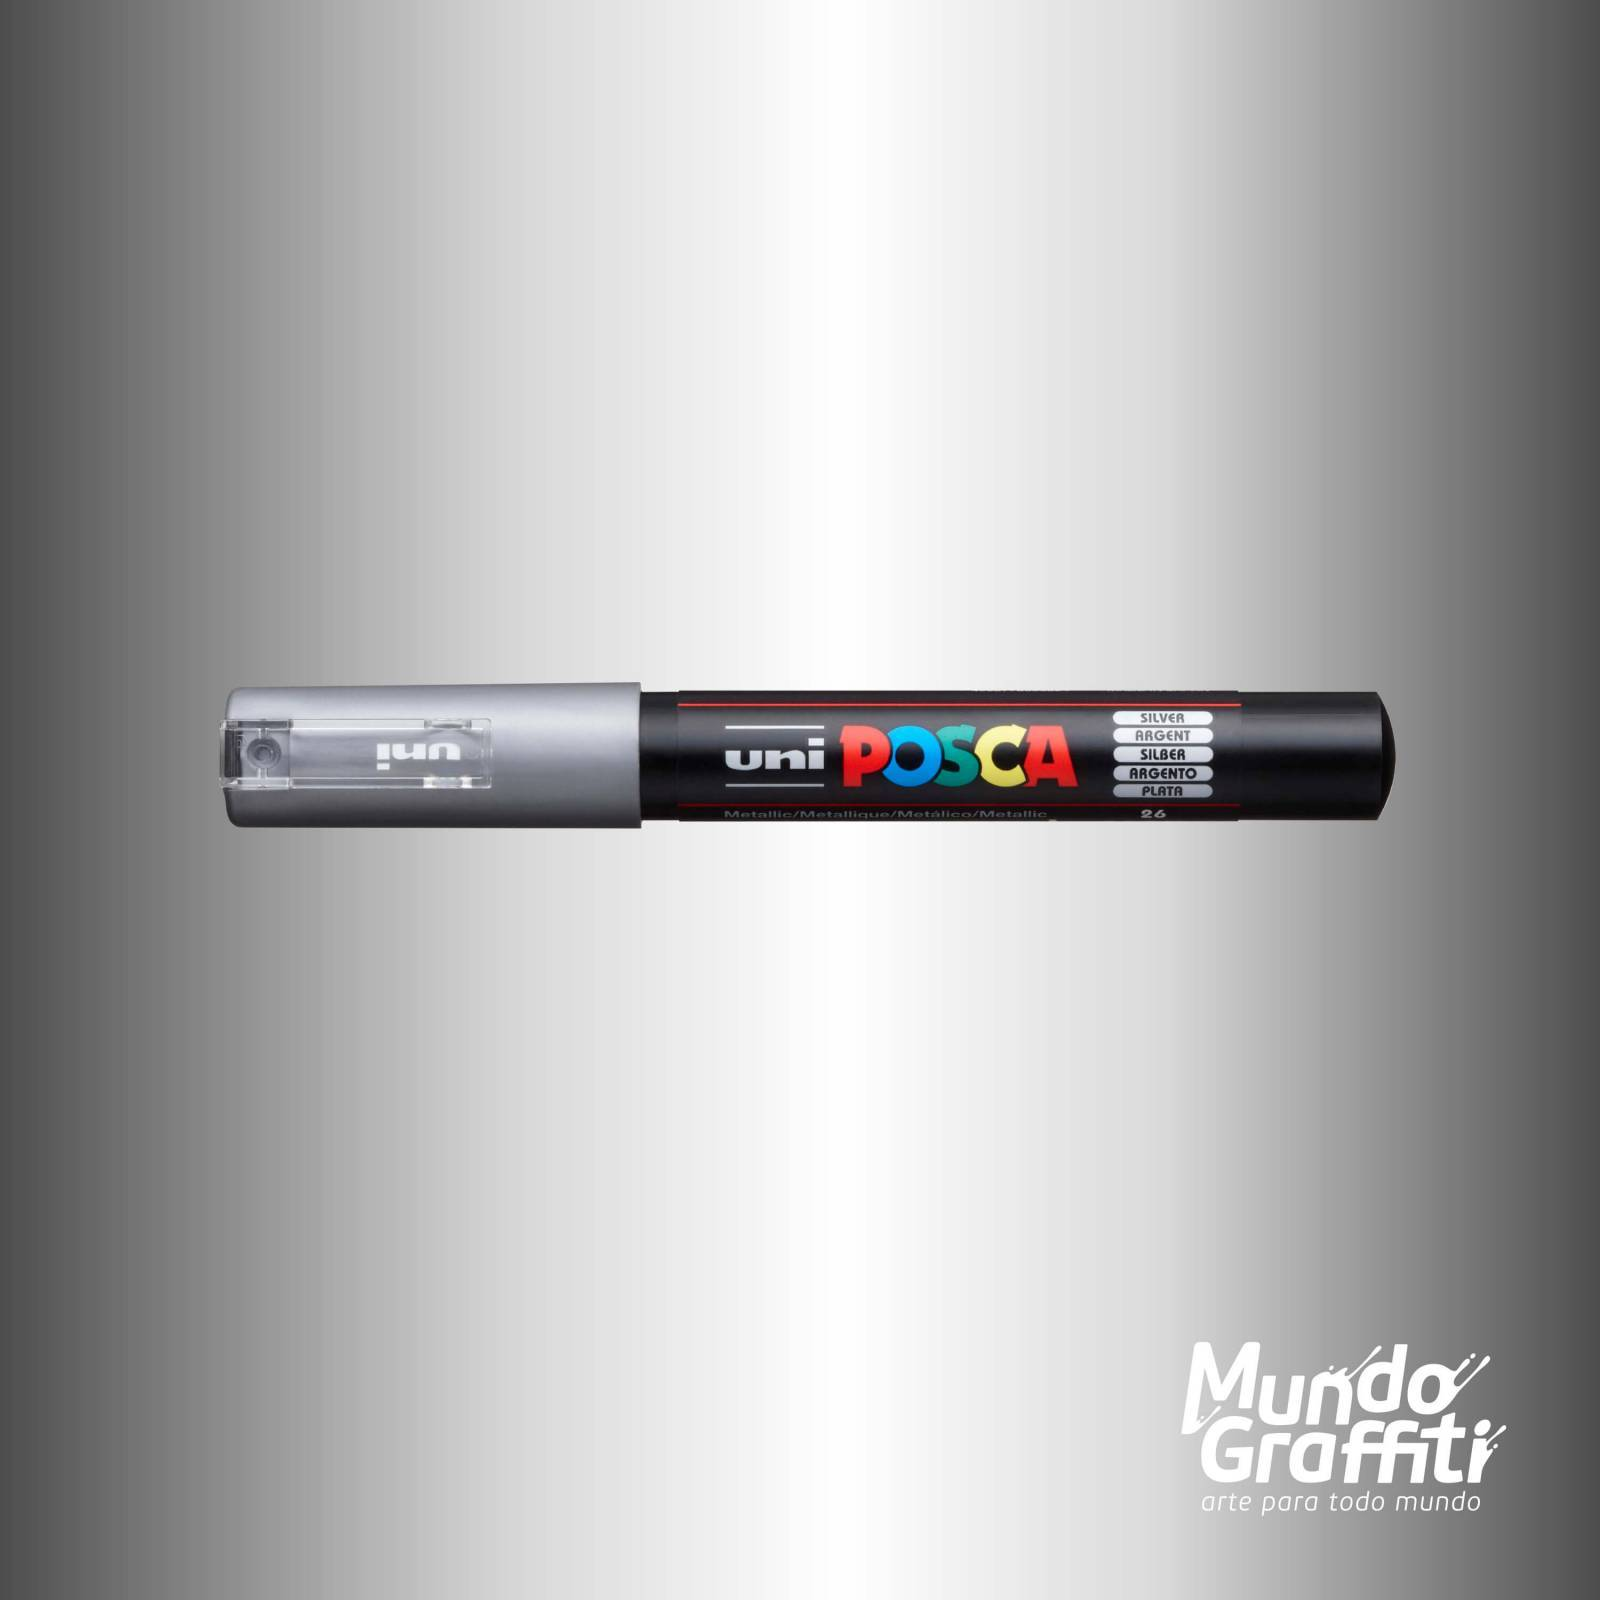 Caneta Posca 1M Prata - Mundo Graffiti